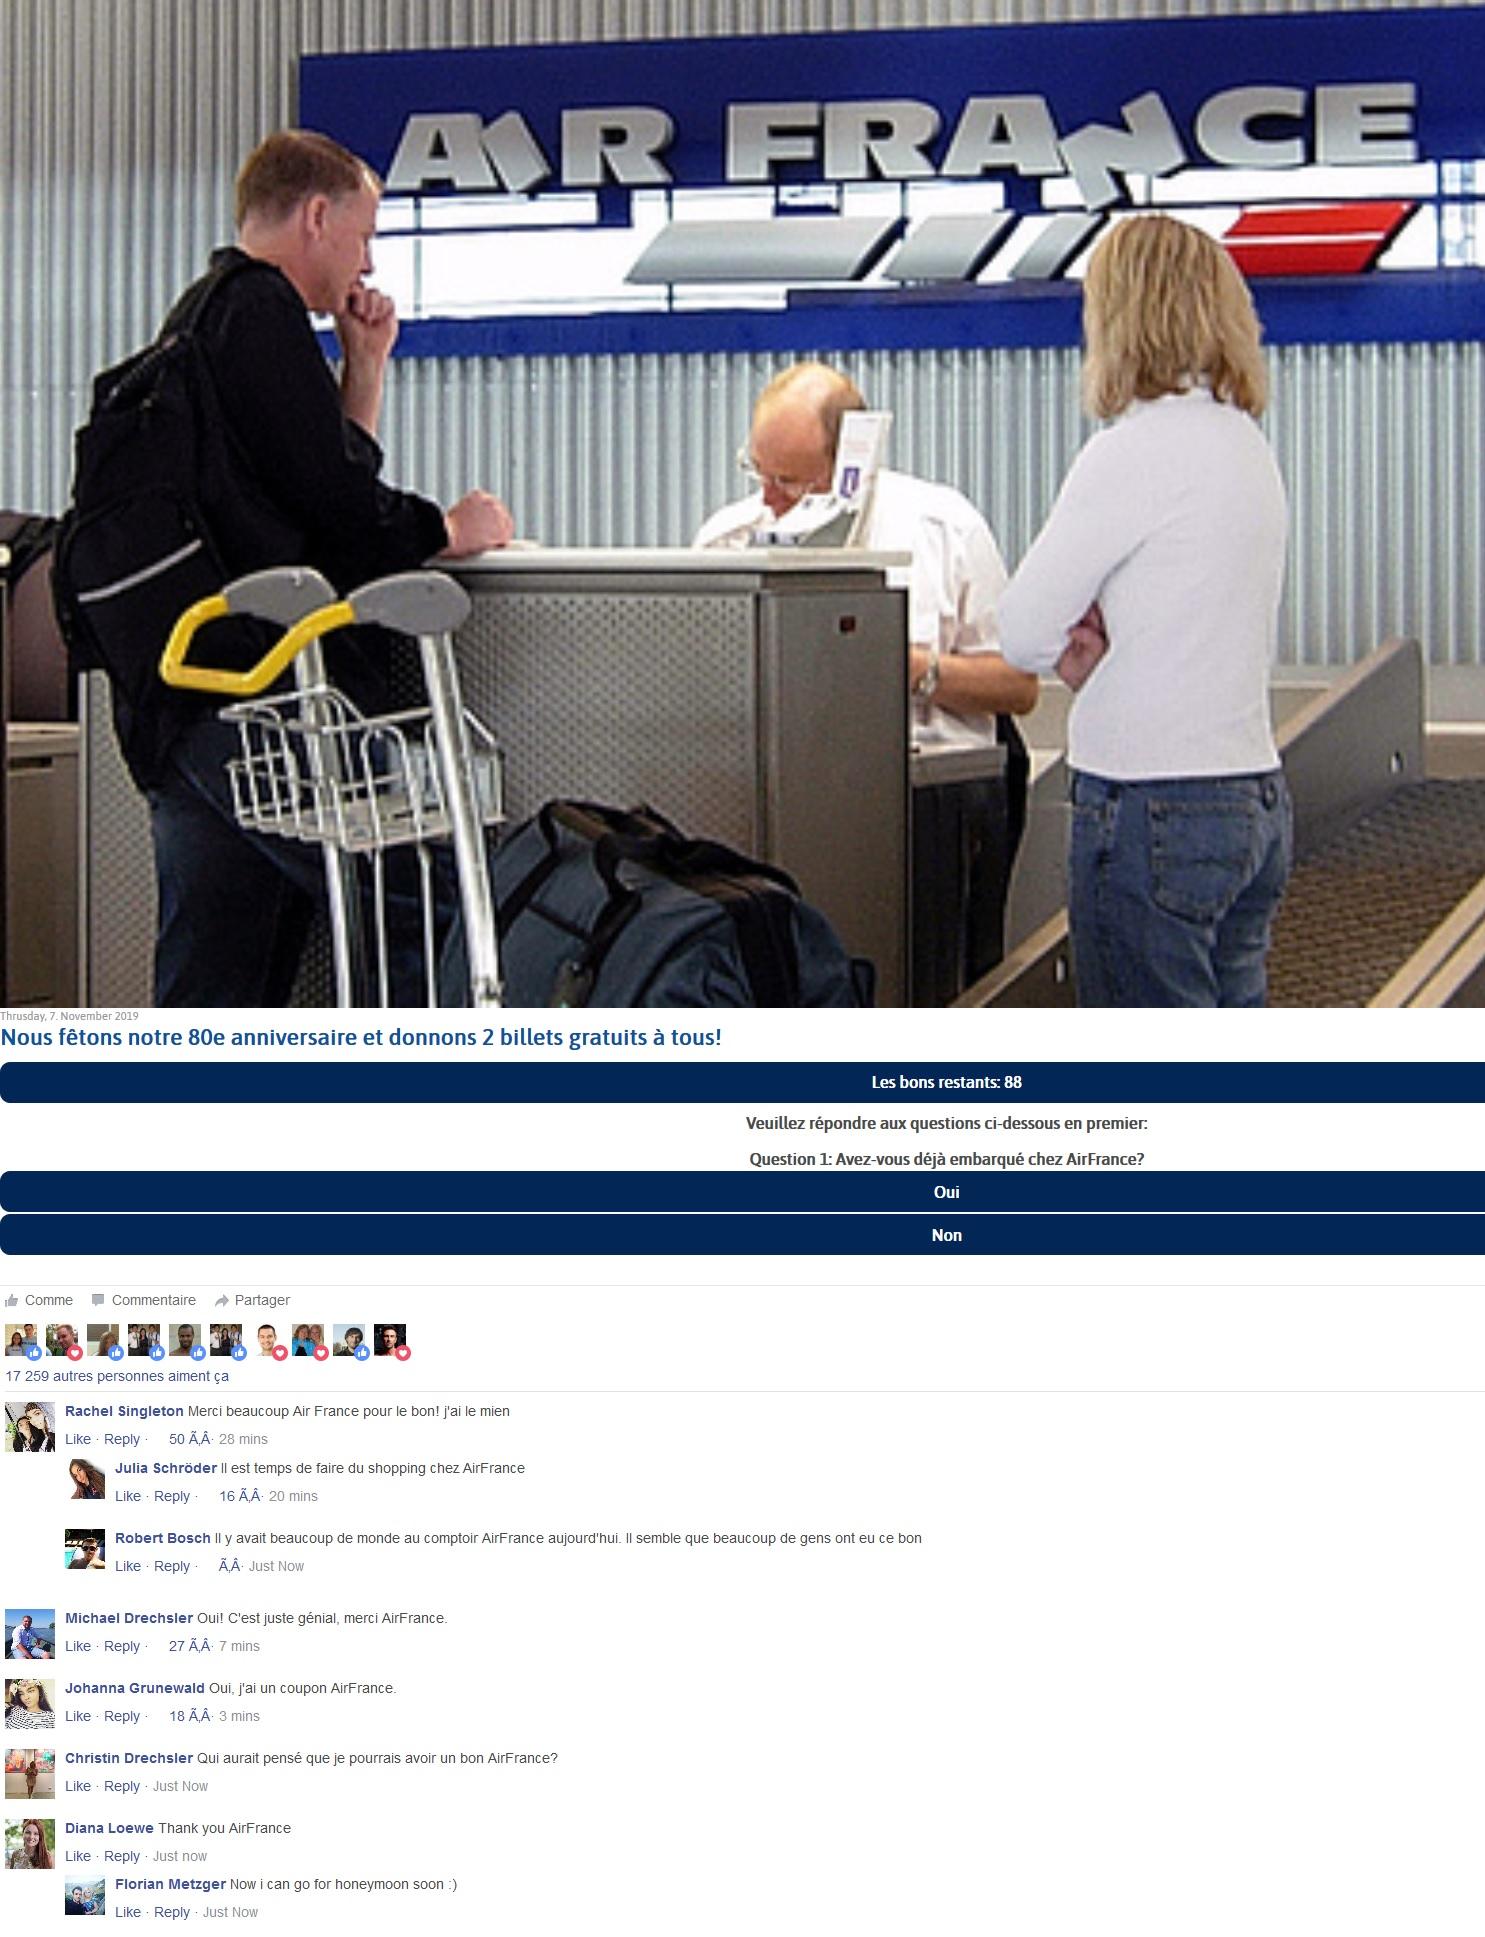 Cybersquatting Nom Domaine pour des Faux billets d'avion Air France gratuits